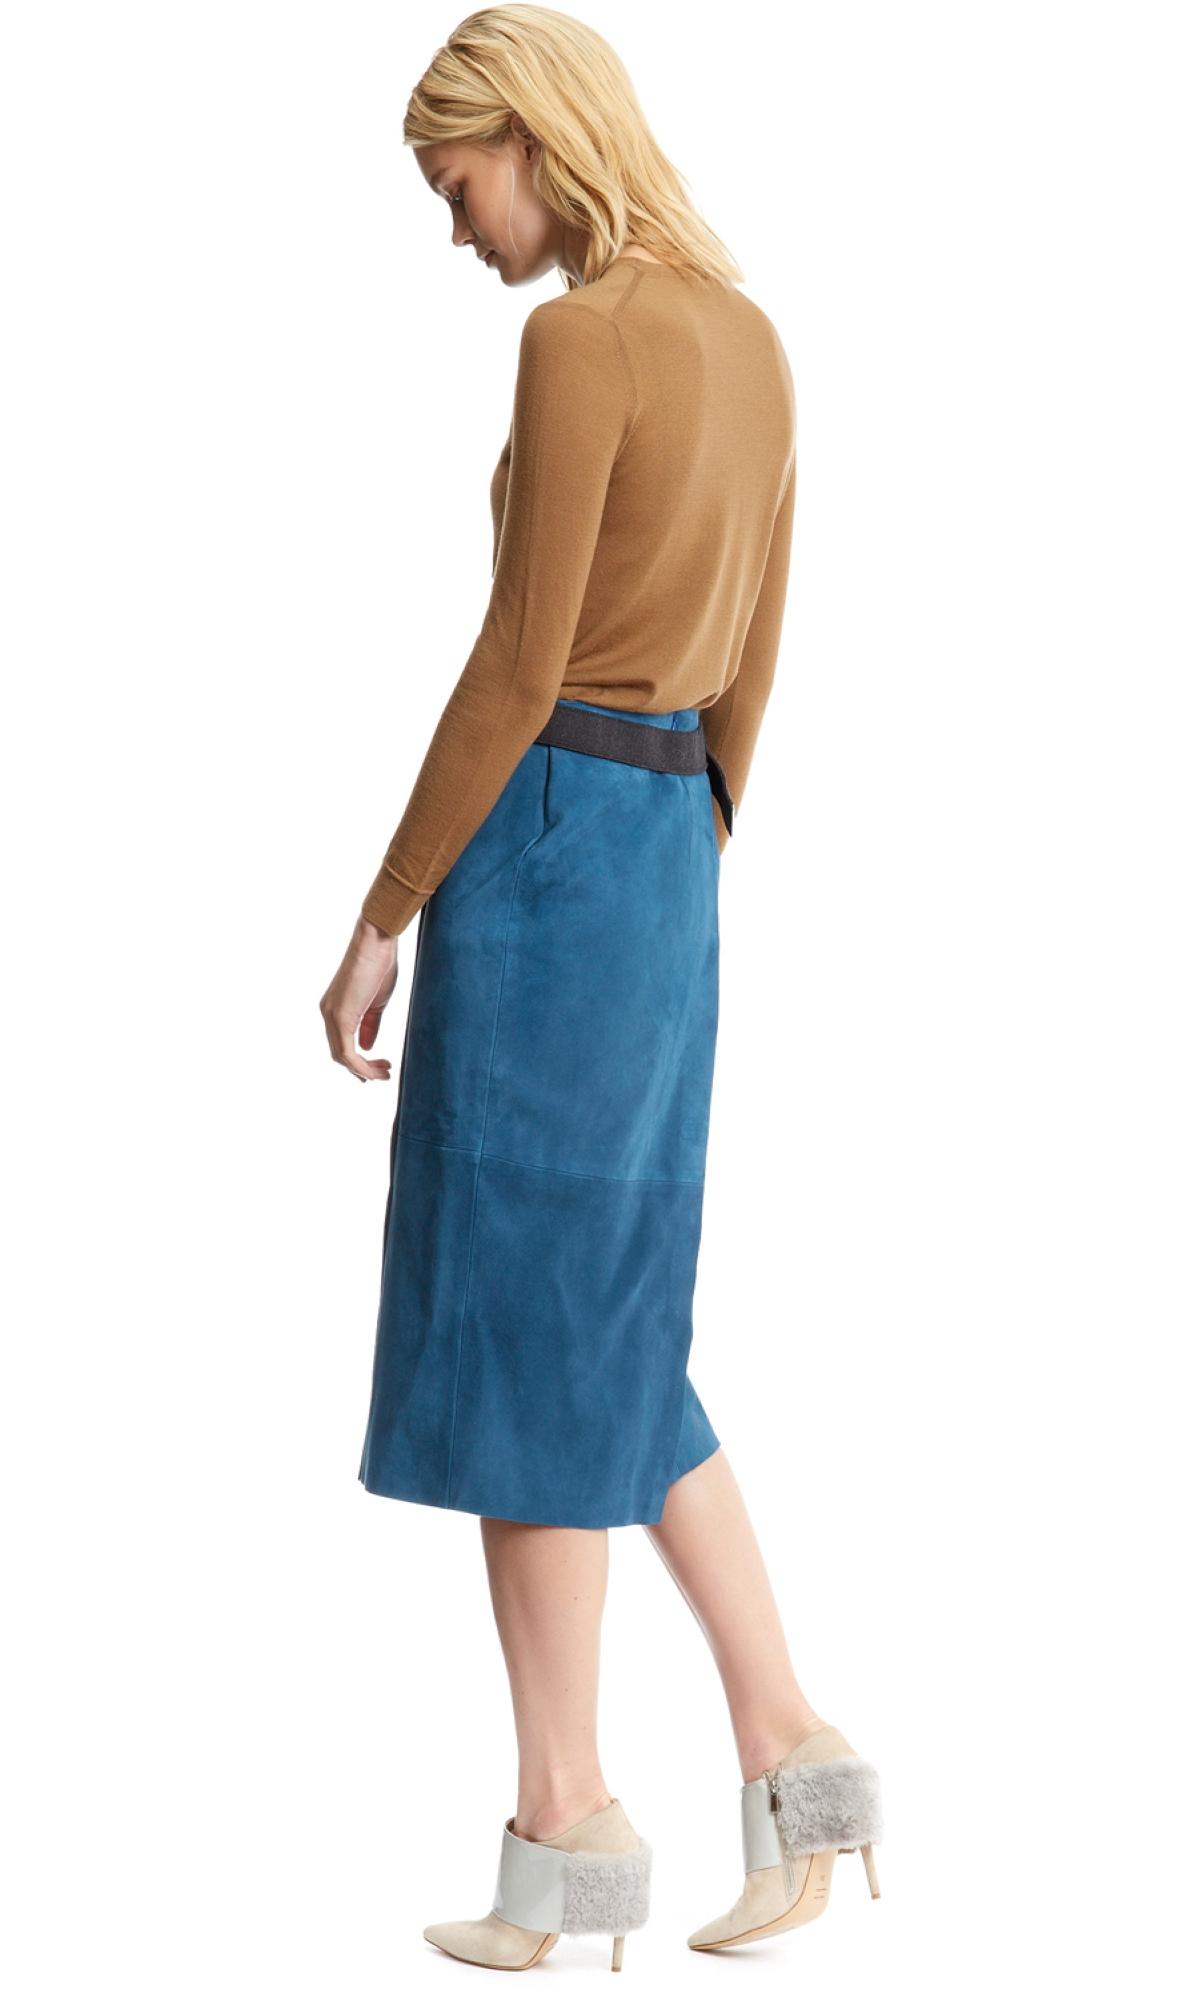 Nicole farhi Long Suede Skirt in Blue | Lyst